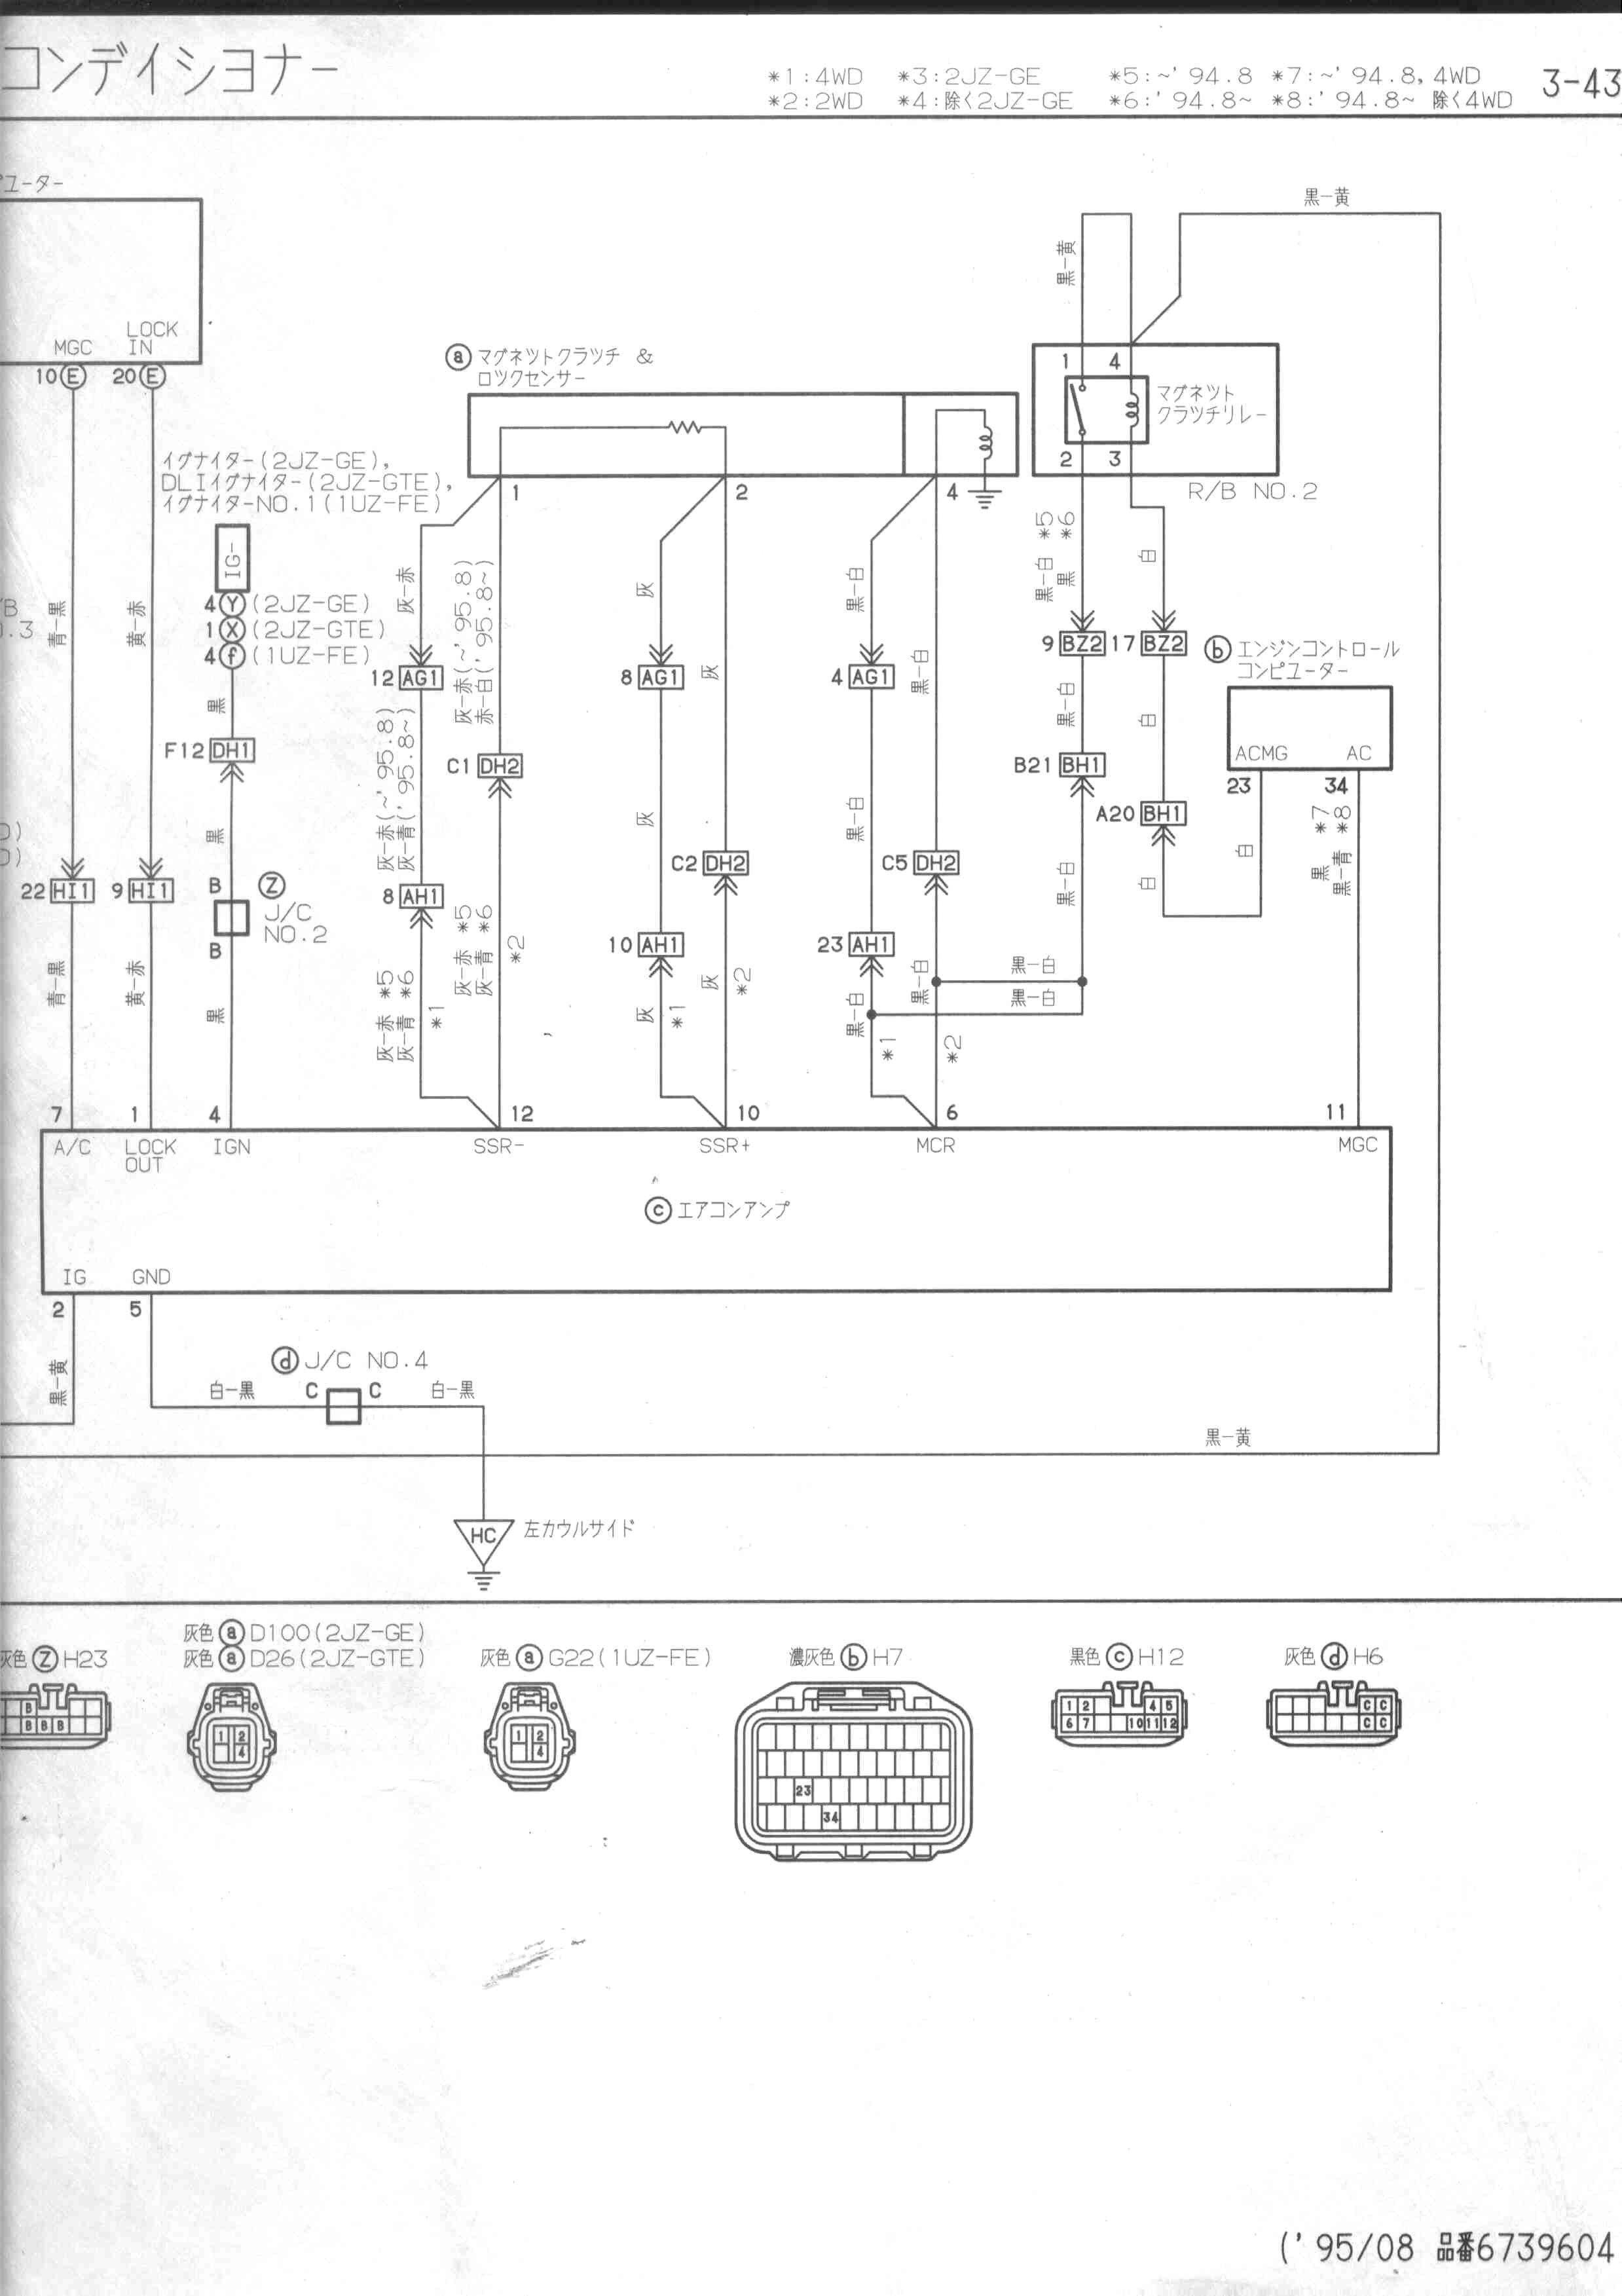 Wiring Diagrahm for 1988 Club Car Golf Cart Wrg 1615 Sharp Air Conditioner Wiring Diagram Of Wiring Diagrahm for 1988 Club Car Golf Cart